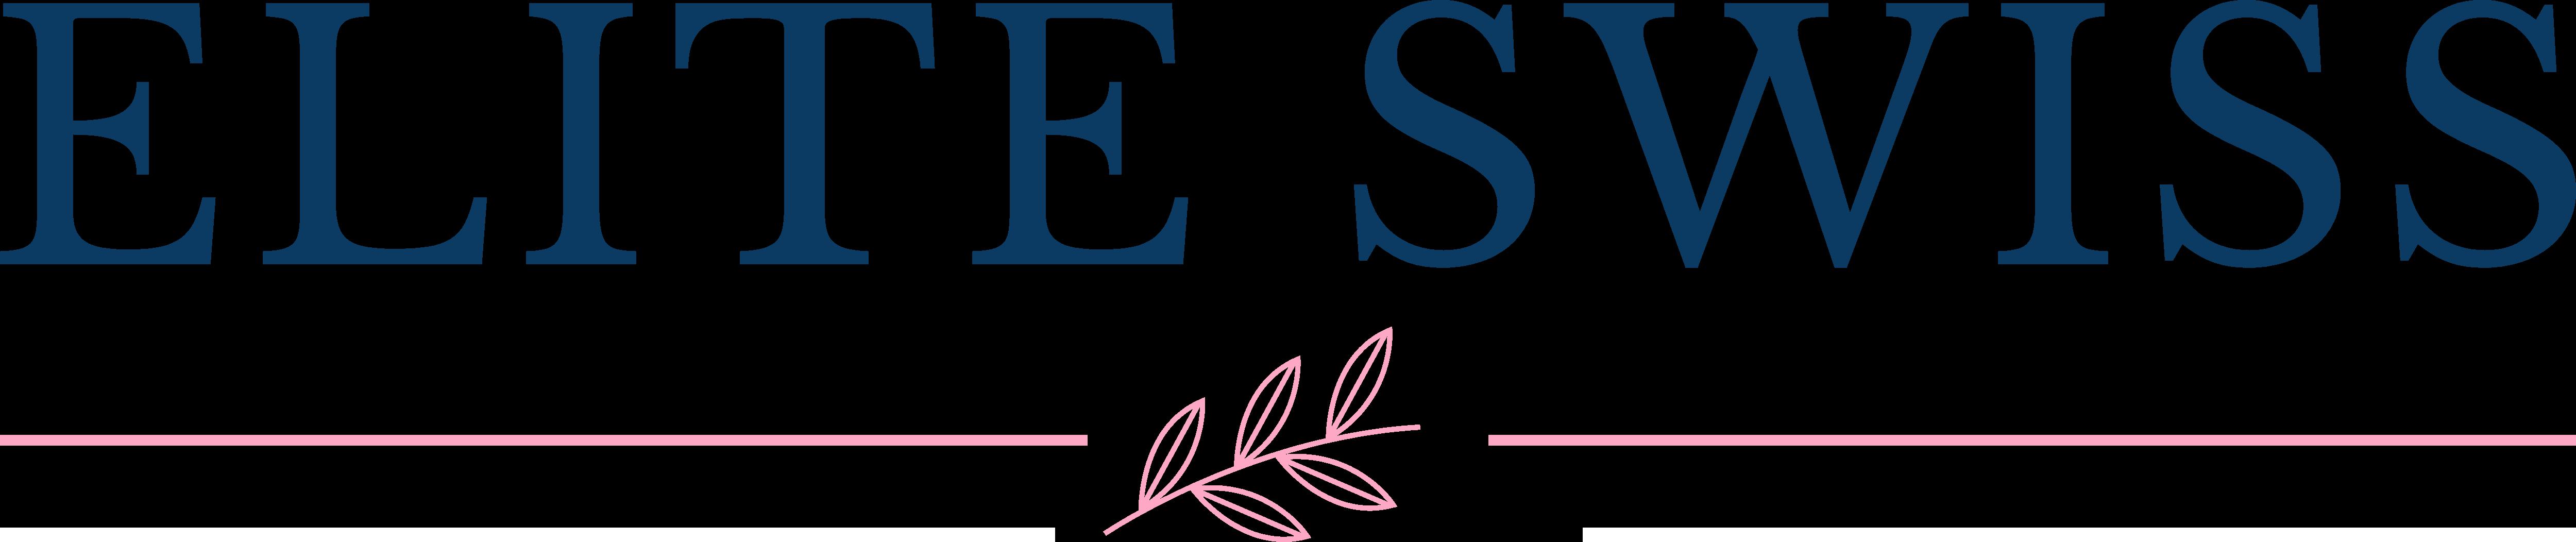 Elite Swiss – Vermittlung von Hausangestellten/Nannys & medizinischem Fachpersonal